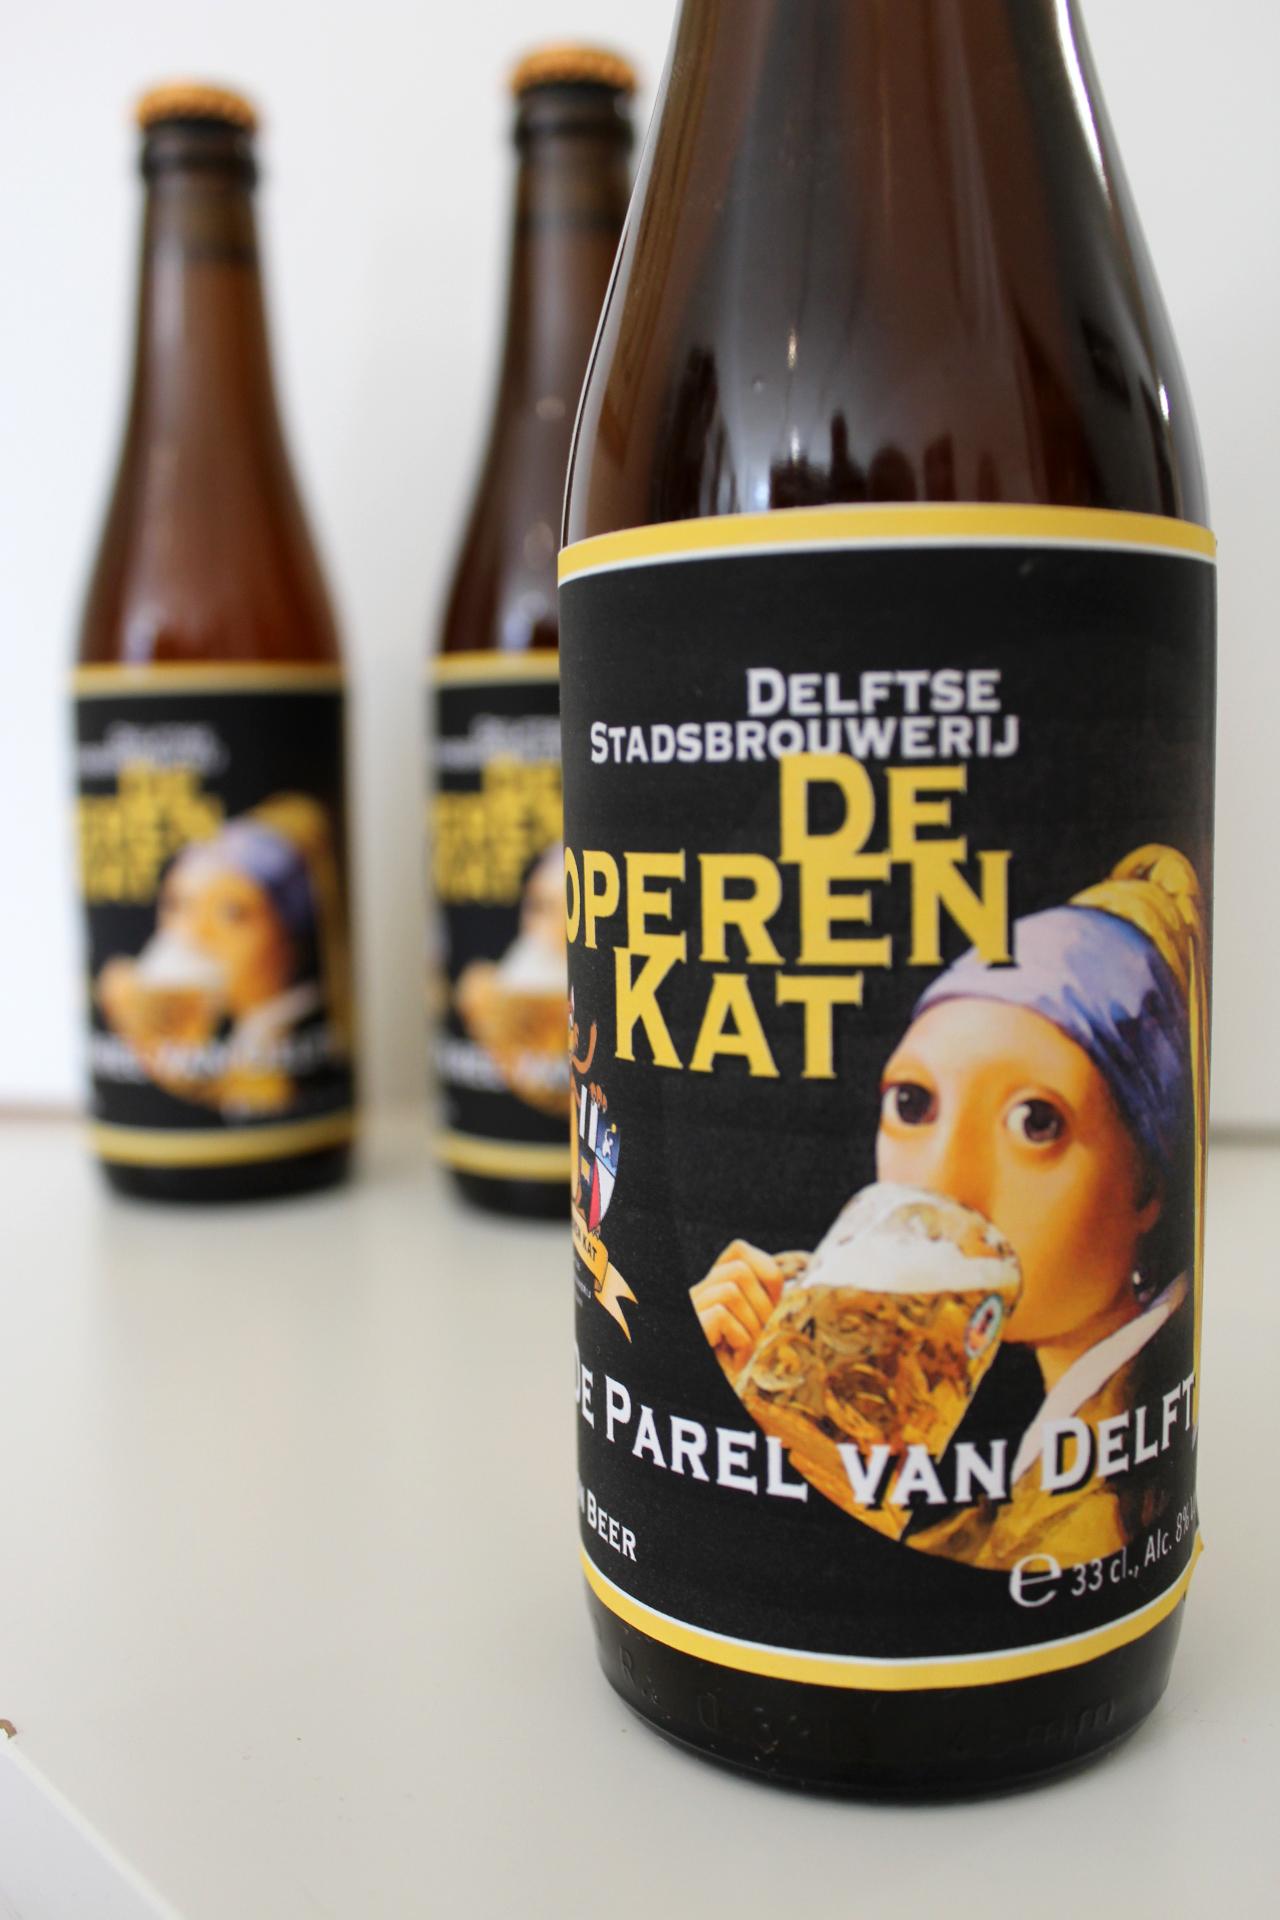 De Parel van Delft